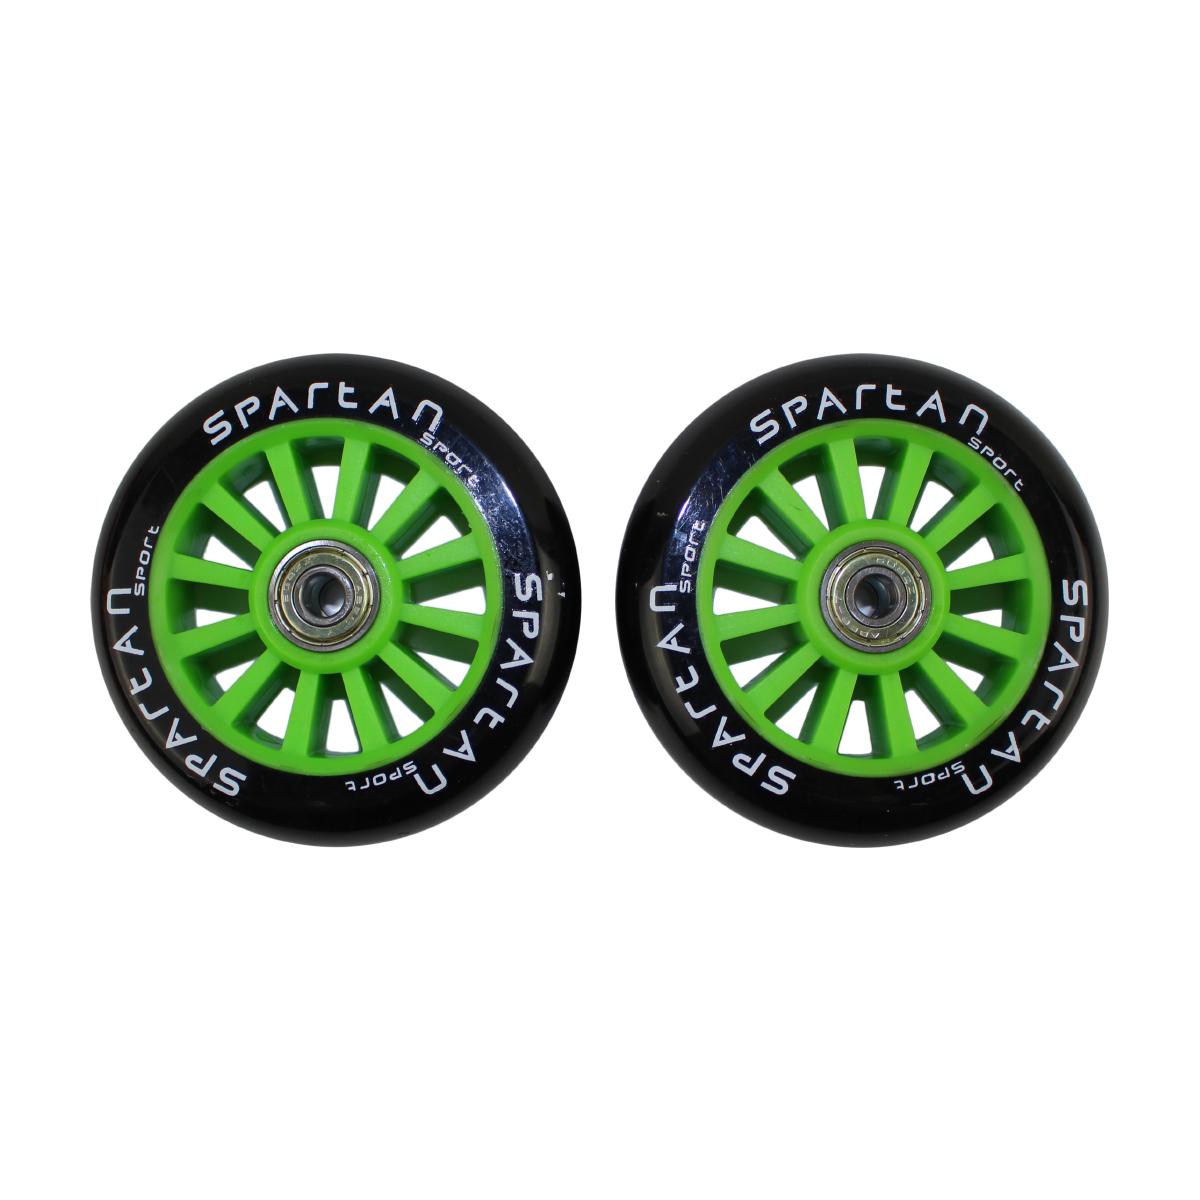 Náhradní kolečka na koloběžky SPARTAN Stunt 100 mm - zelené